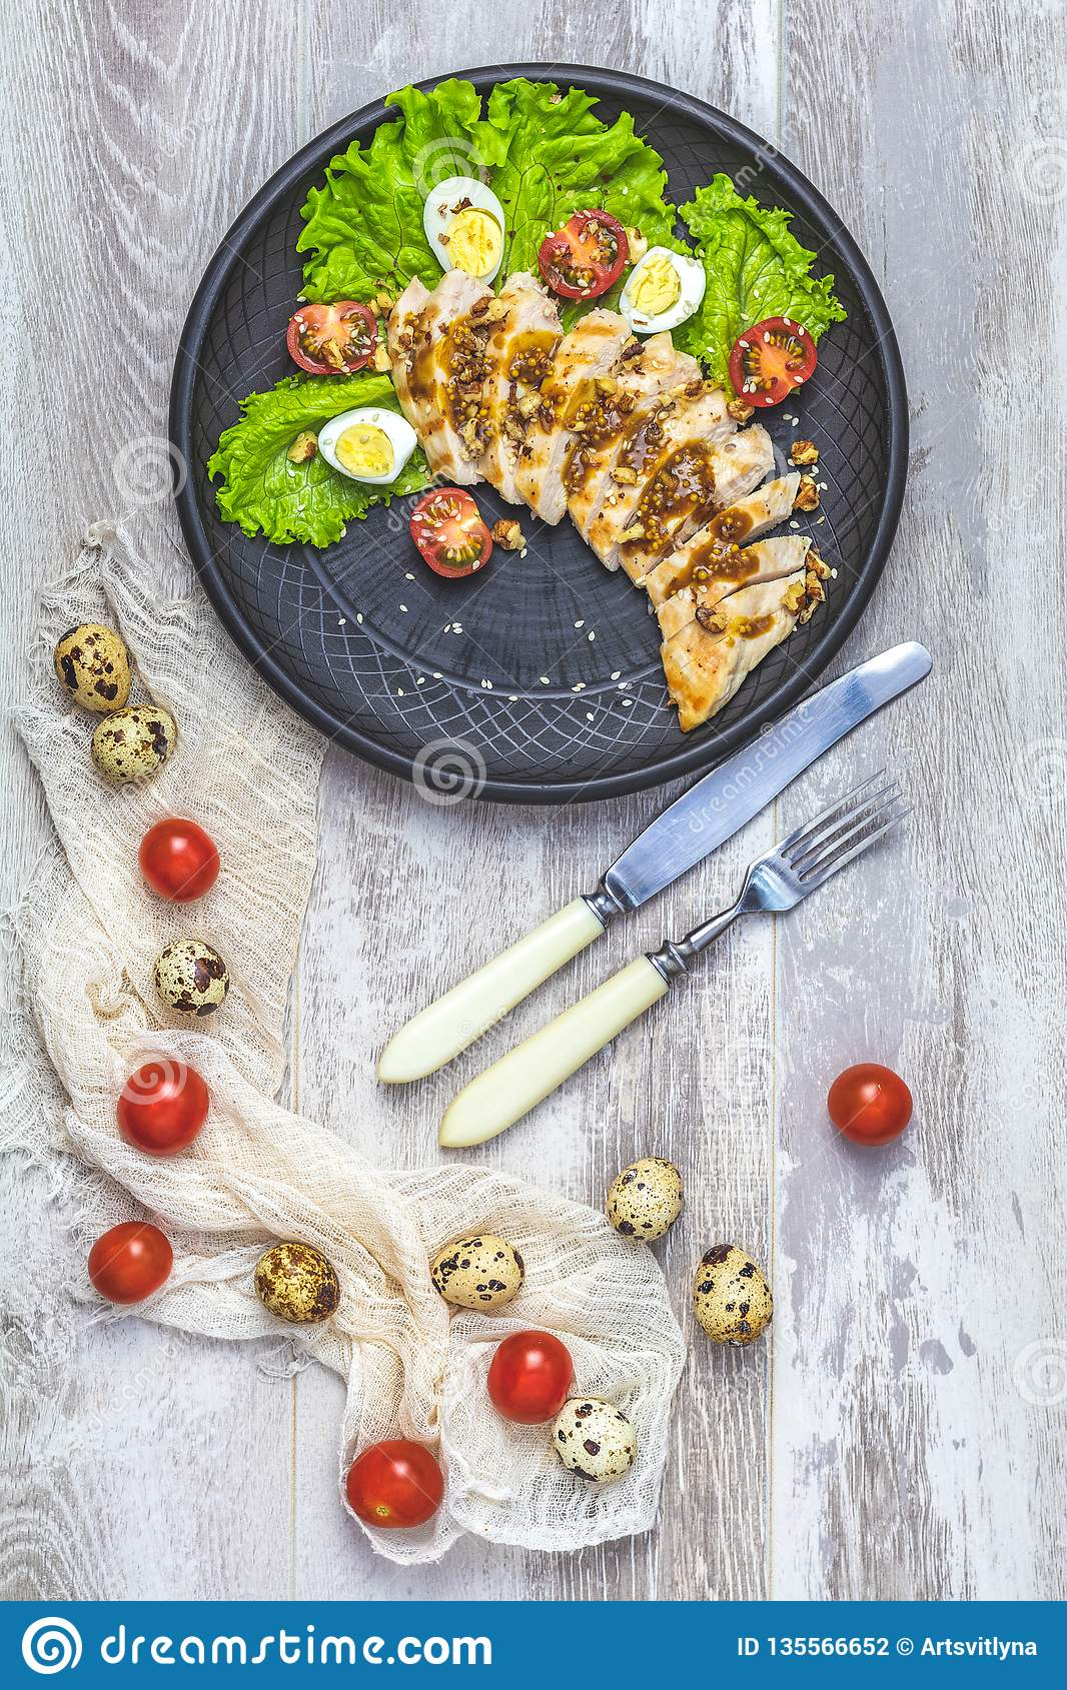 Huhn mit Honig und Senf pökeln, Kopfsalat, Wachteleier, Kirschtomaten